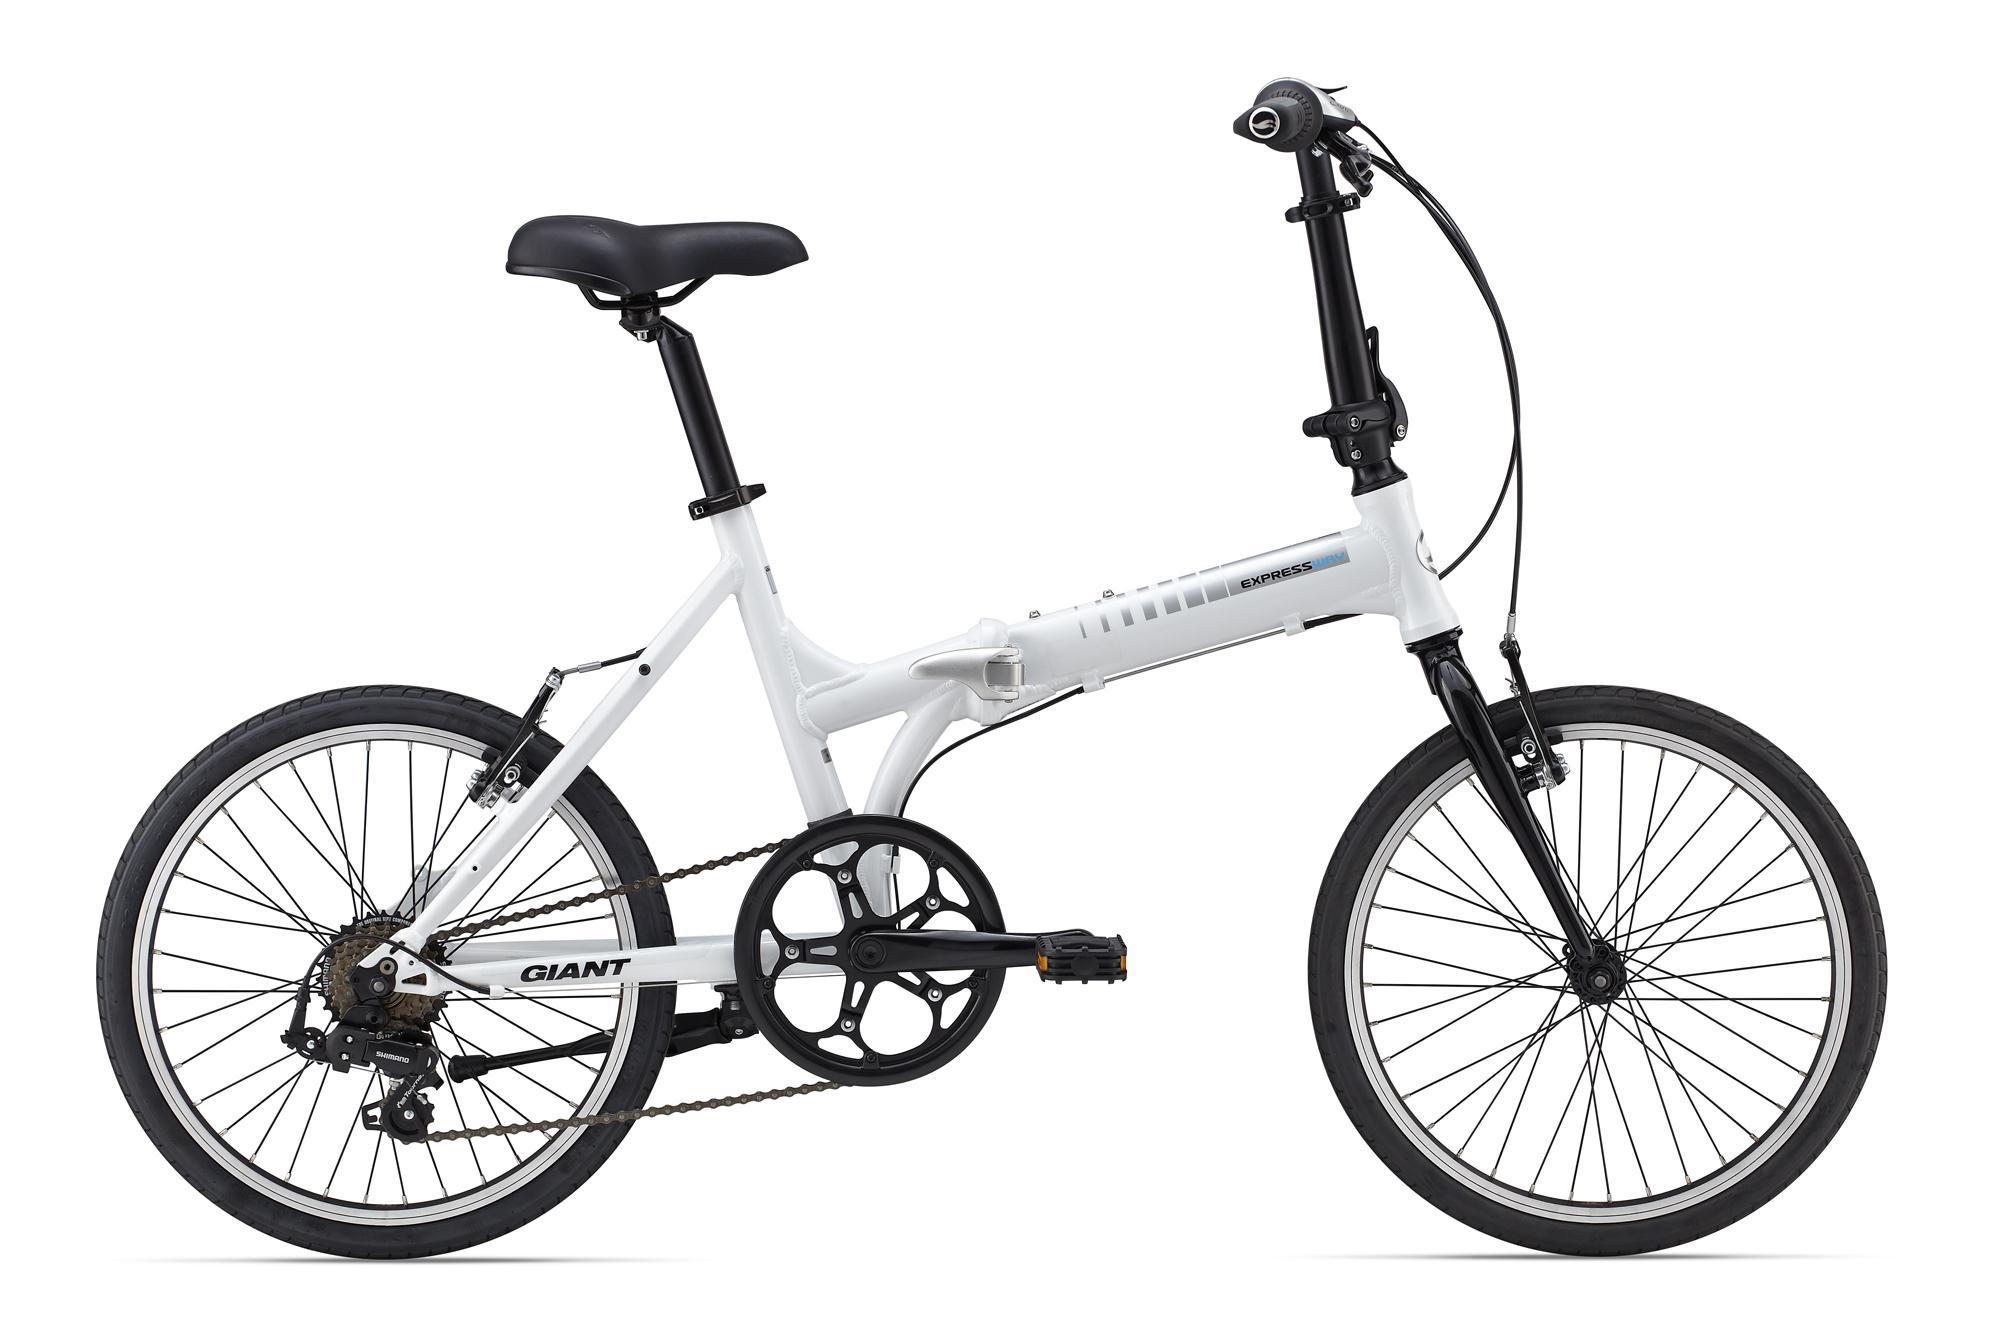 Giant Expressway 2 (2015)Городские<br>Один из самых легких складных велосипедов на рынке с ценой до 21 000 руб. Ощущение качества и технологичности будет преследовать каждое ваше обращение с этим велосипедом. Надежныеи супер-легкие к открытию шарниры, оригинальный дизайн, малый вес и минимализм - вот основные преимущества Expressway 2.<br>Модель 2015 года не претерпела существенных изменений - изменилась лишь окраска и принт на раме.<br><br>супер-малый вес - 11.6 кг,<br>оригинальный дизайн и конструкция рамы от Giant,<br>полное складывание - рама, педали, руль,<br>специальная многофункциональная подножка, которая подгибается вбок для установки на неё велосипеда в сложенном виде,<br>регулировка сидения и руля по высоте,<br>плавный и бесшумный ход, благодаря гладкой асфальтовой резине,<br>оптимальный рост - 145 - 180 см,<br>чехол с креплением на руль в комплекте.<br>